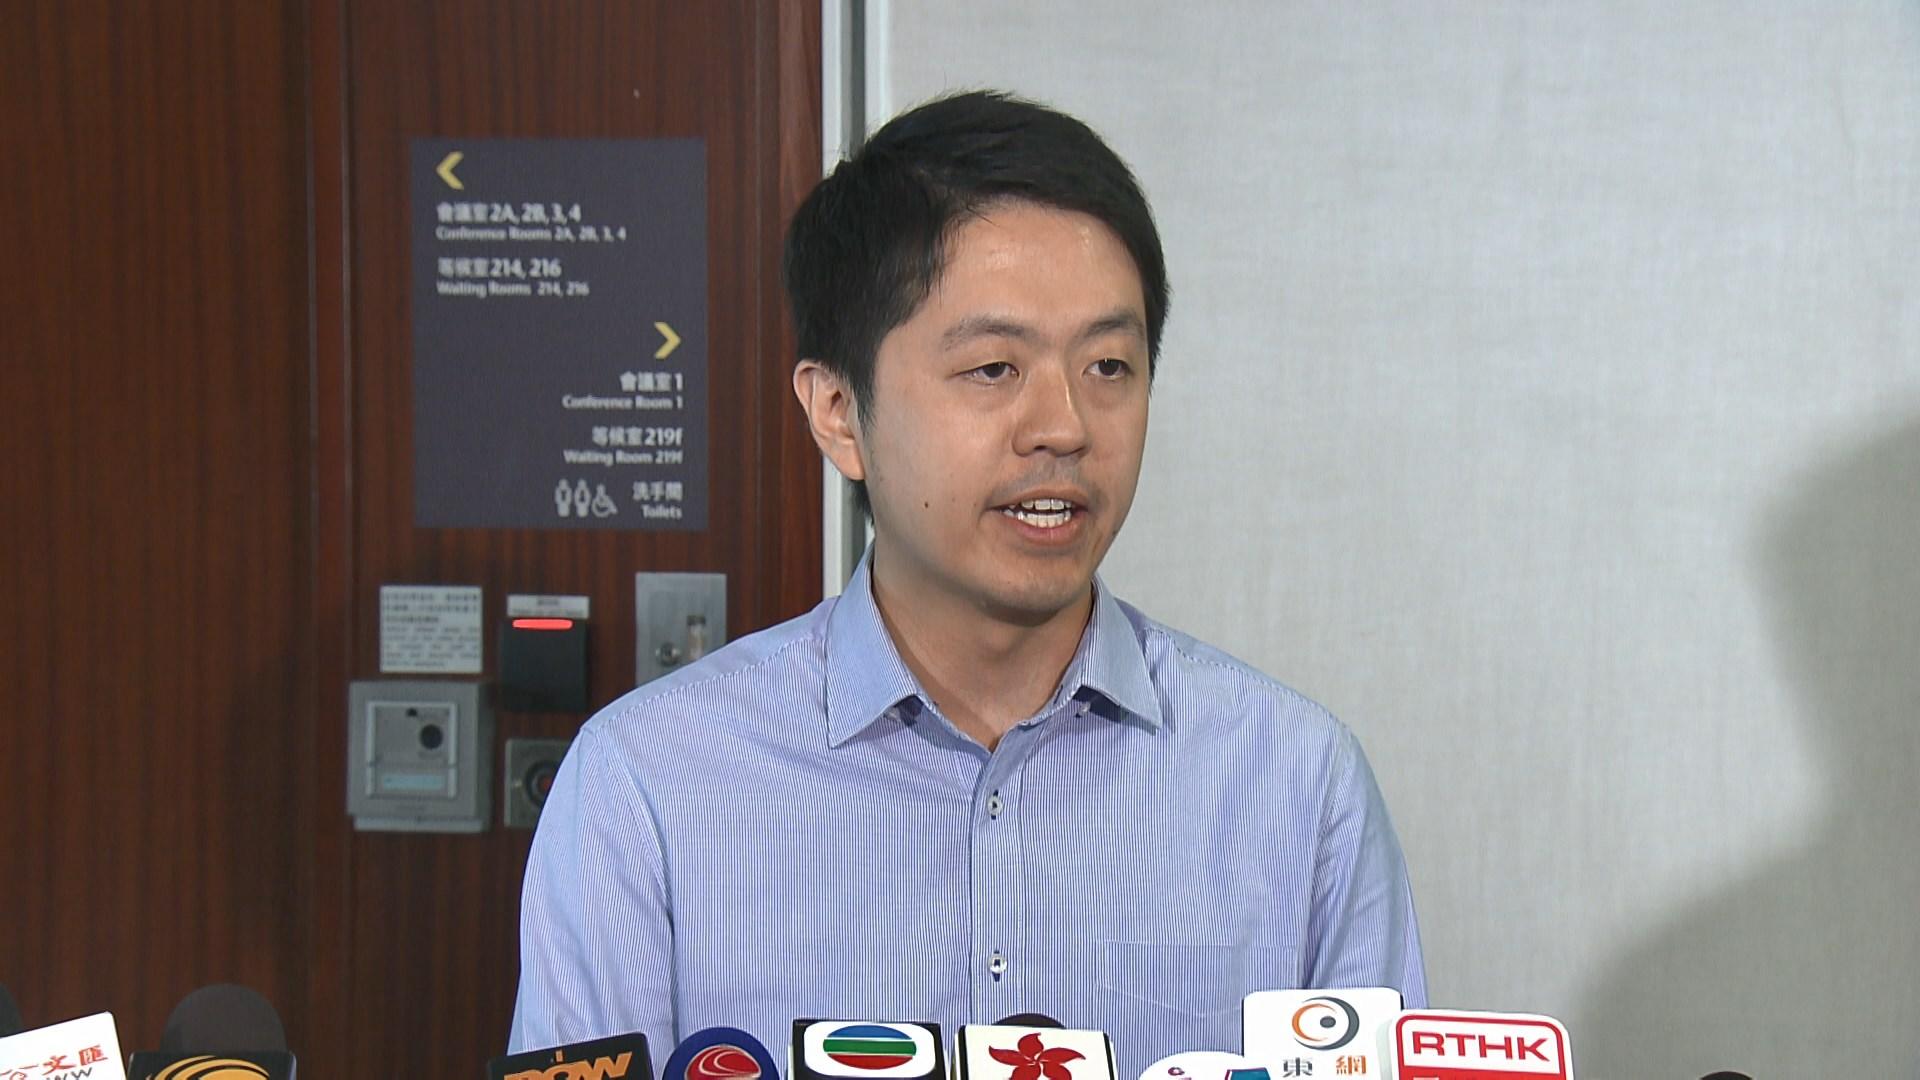 許智峯:抗議廖長江濫權就書面問題設限